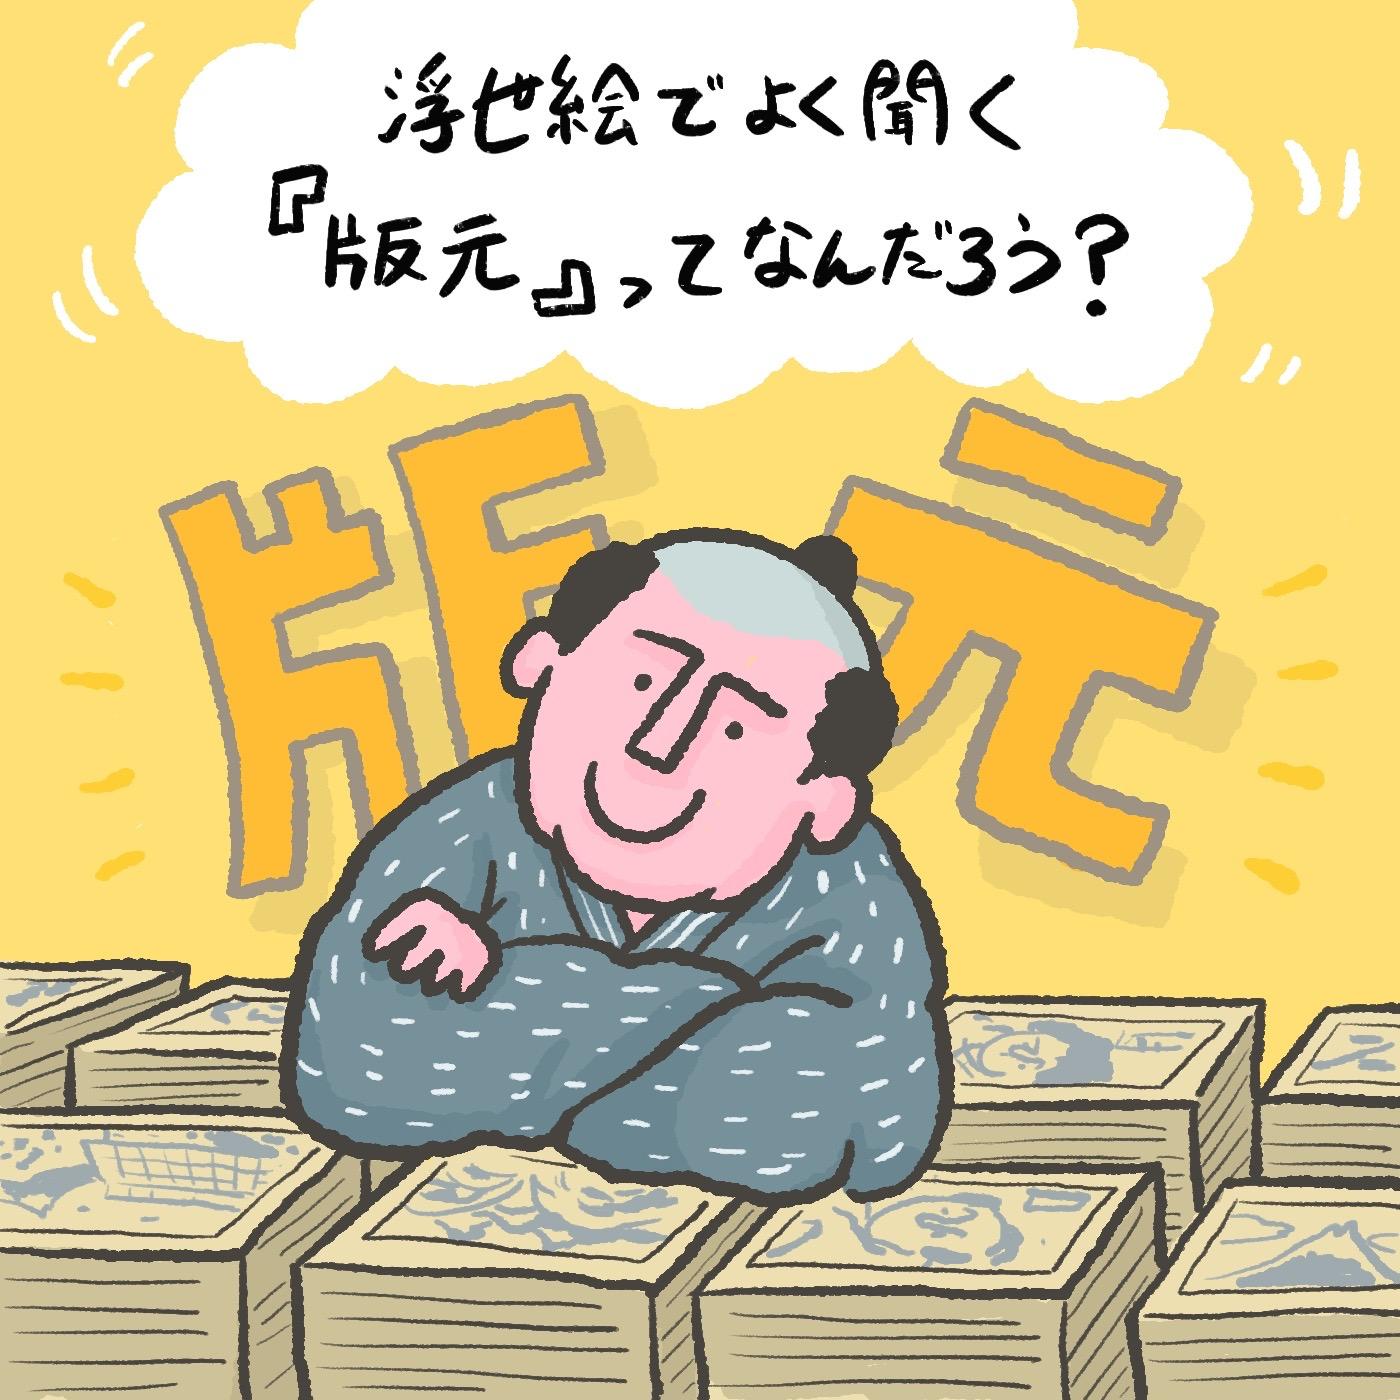 浮世絵 版元 ナニソレ OBIKAKE